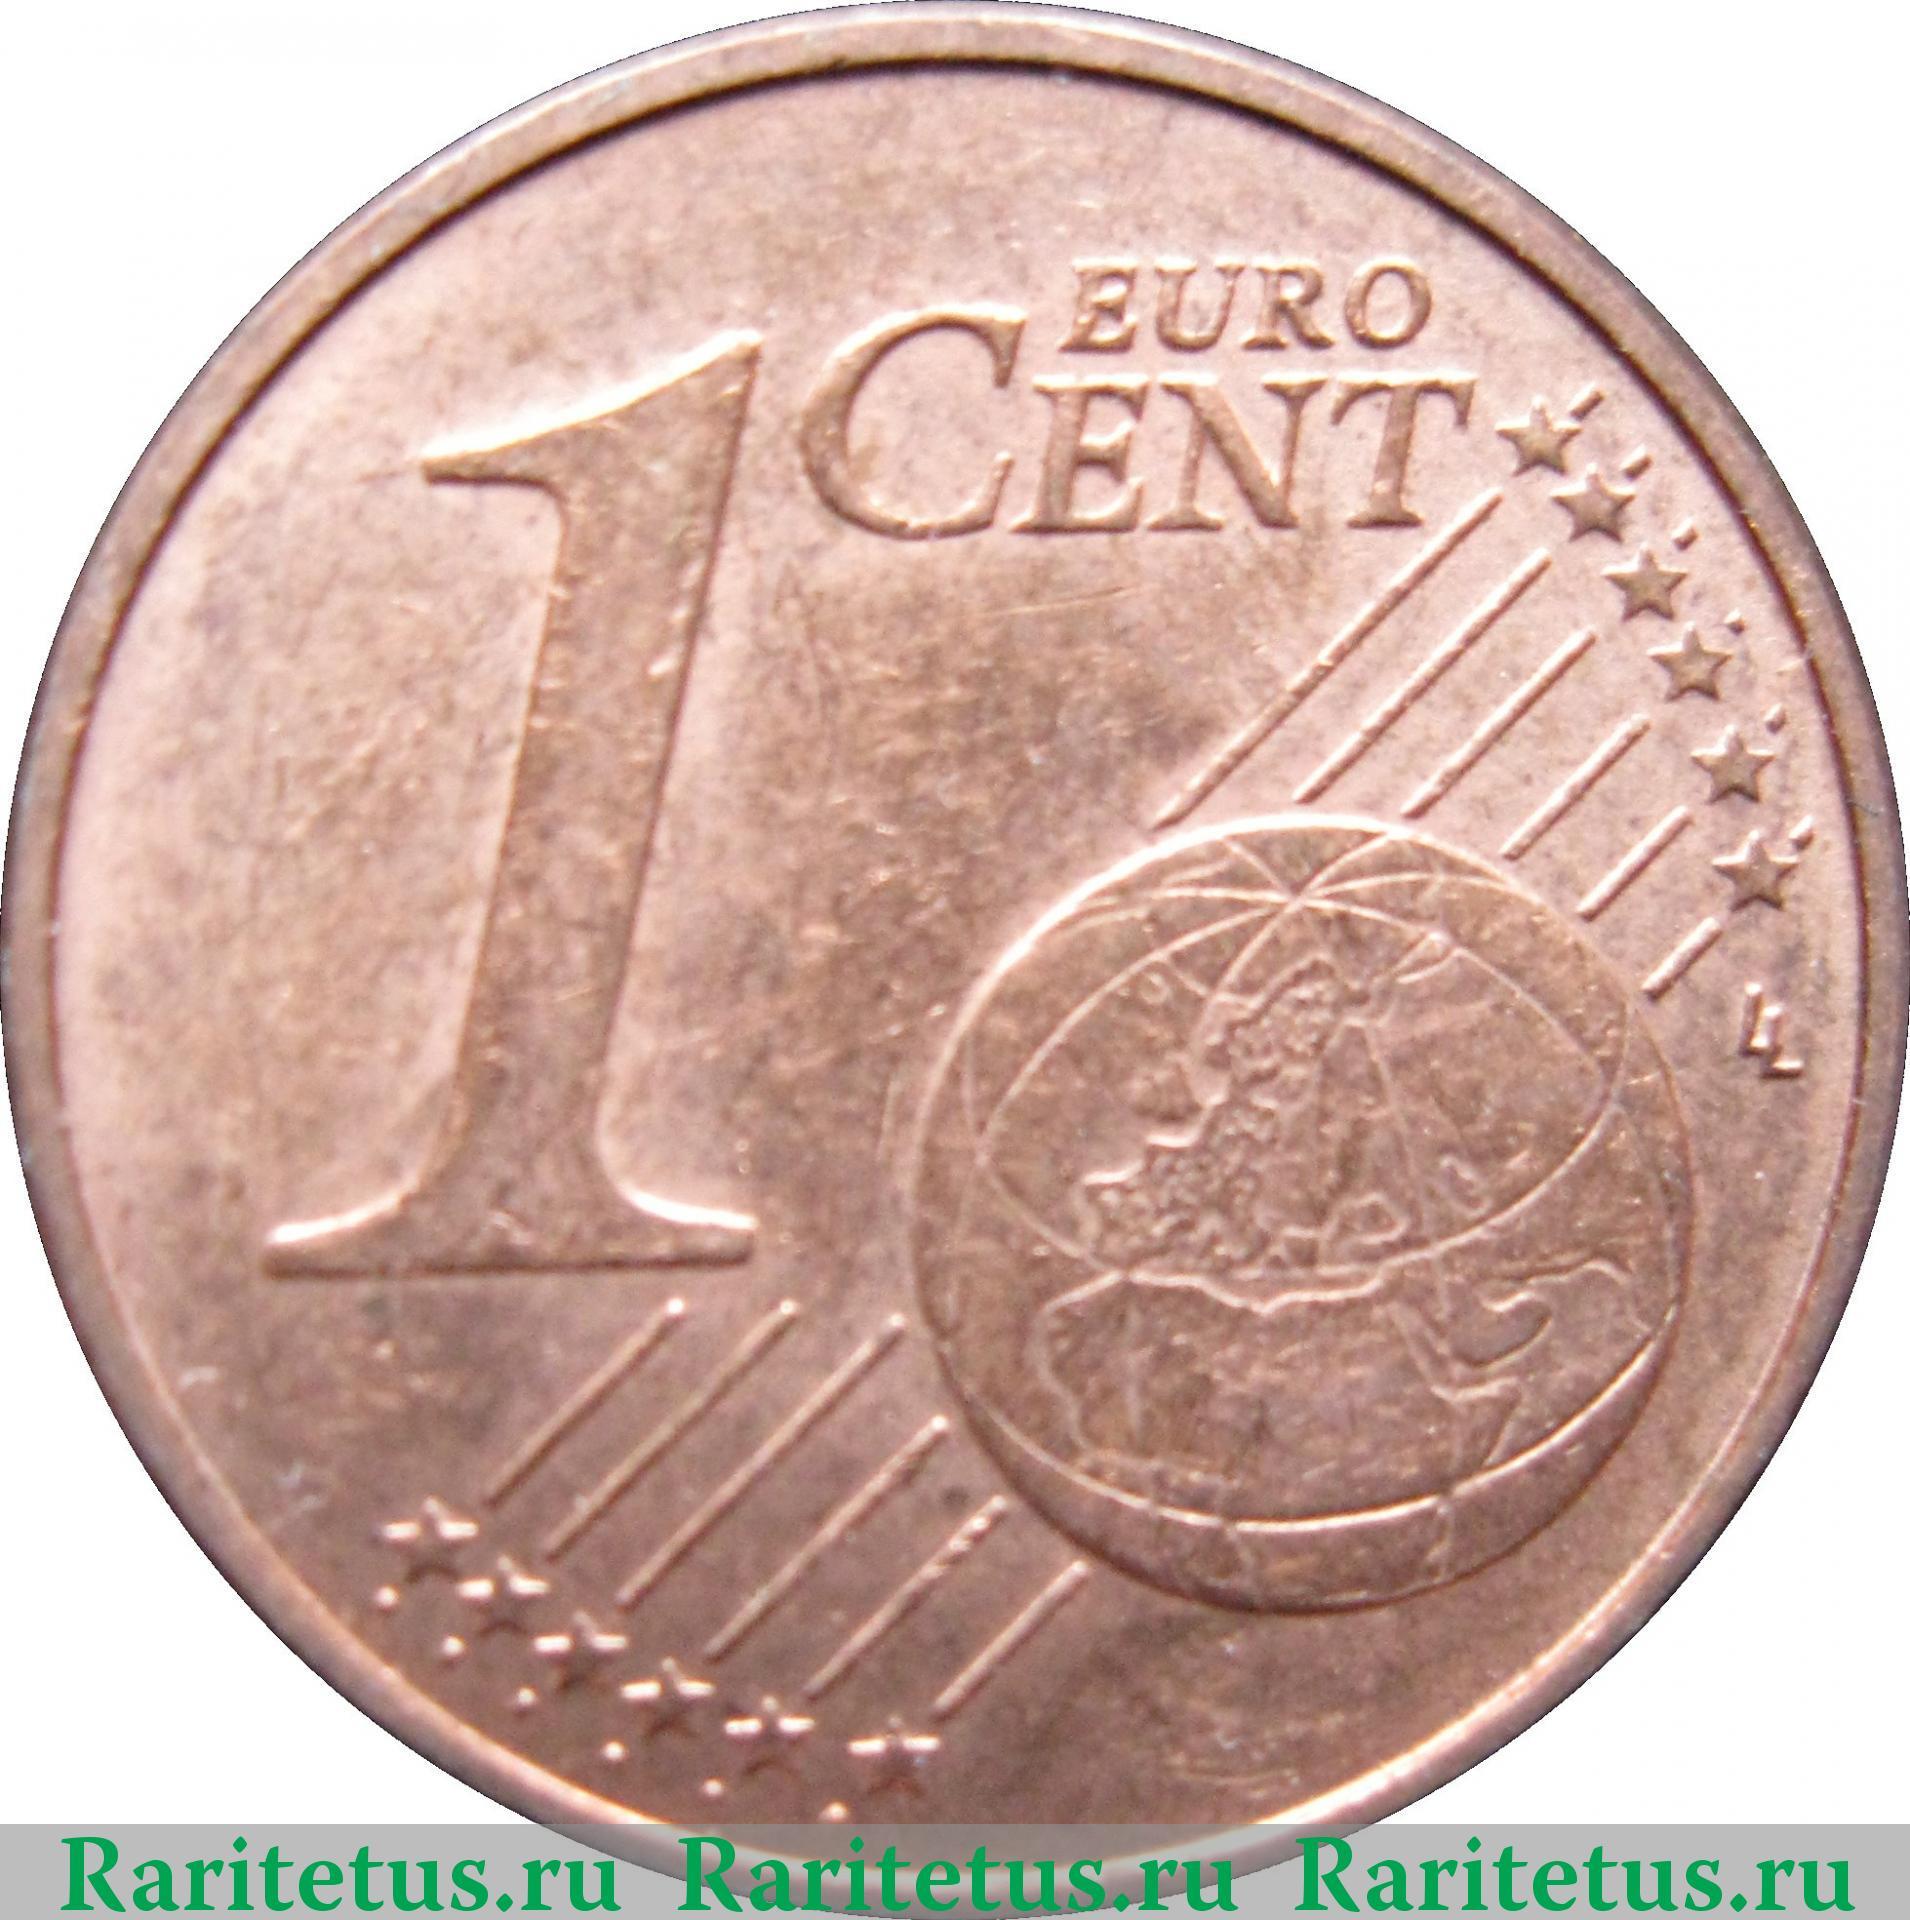 Один цент в рублях серебро скрябина